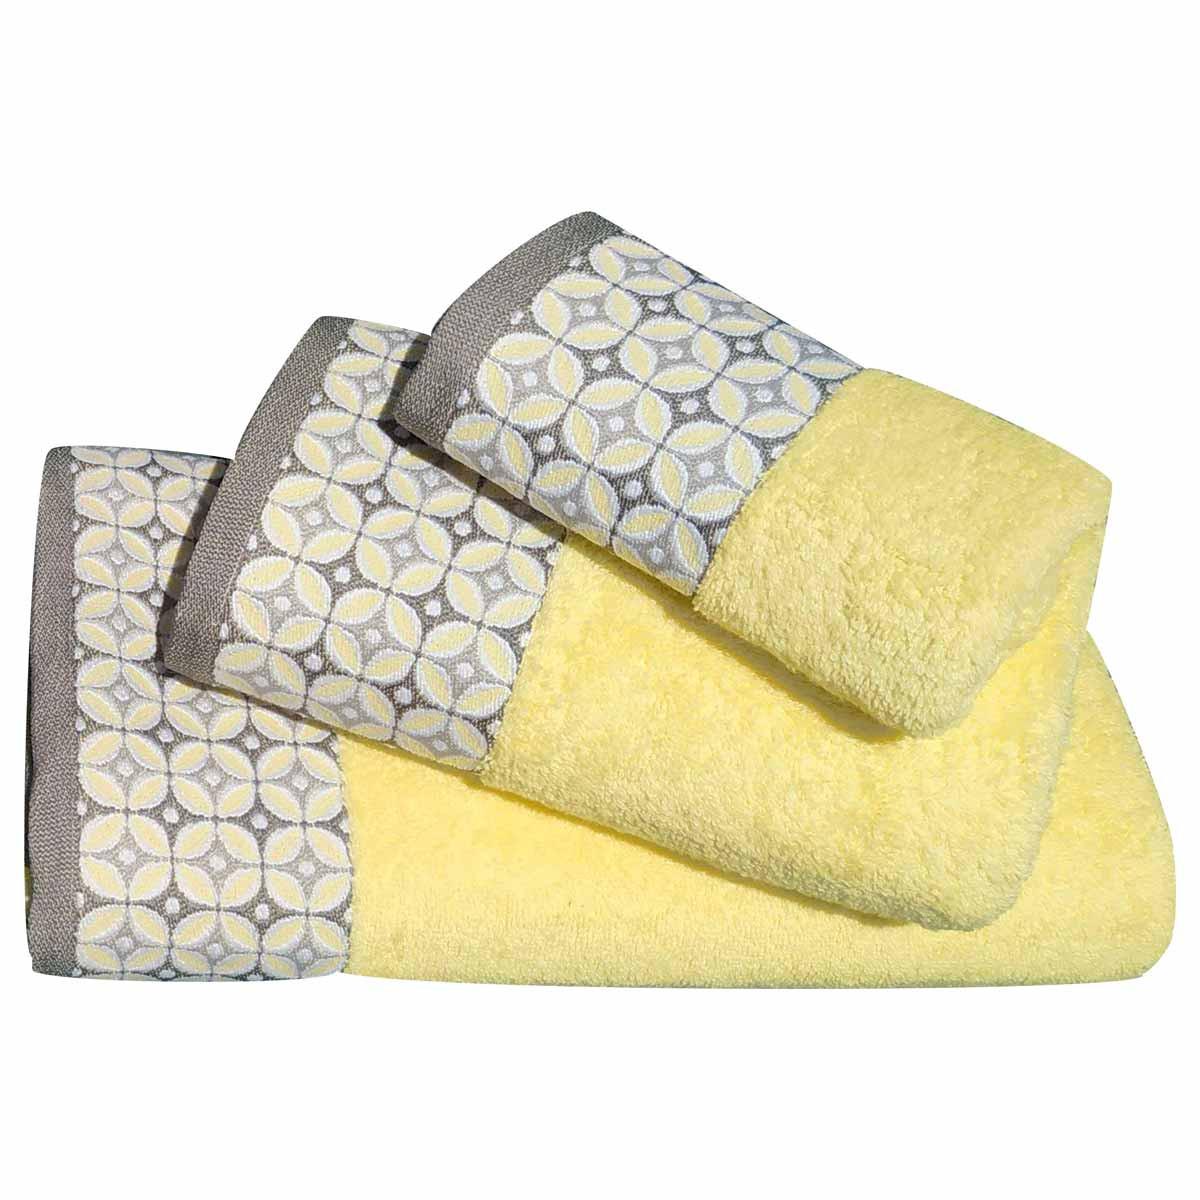 Πετσέτες Μπάνιου (Σετ 3τμχ) Morven 1907 Yellow